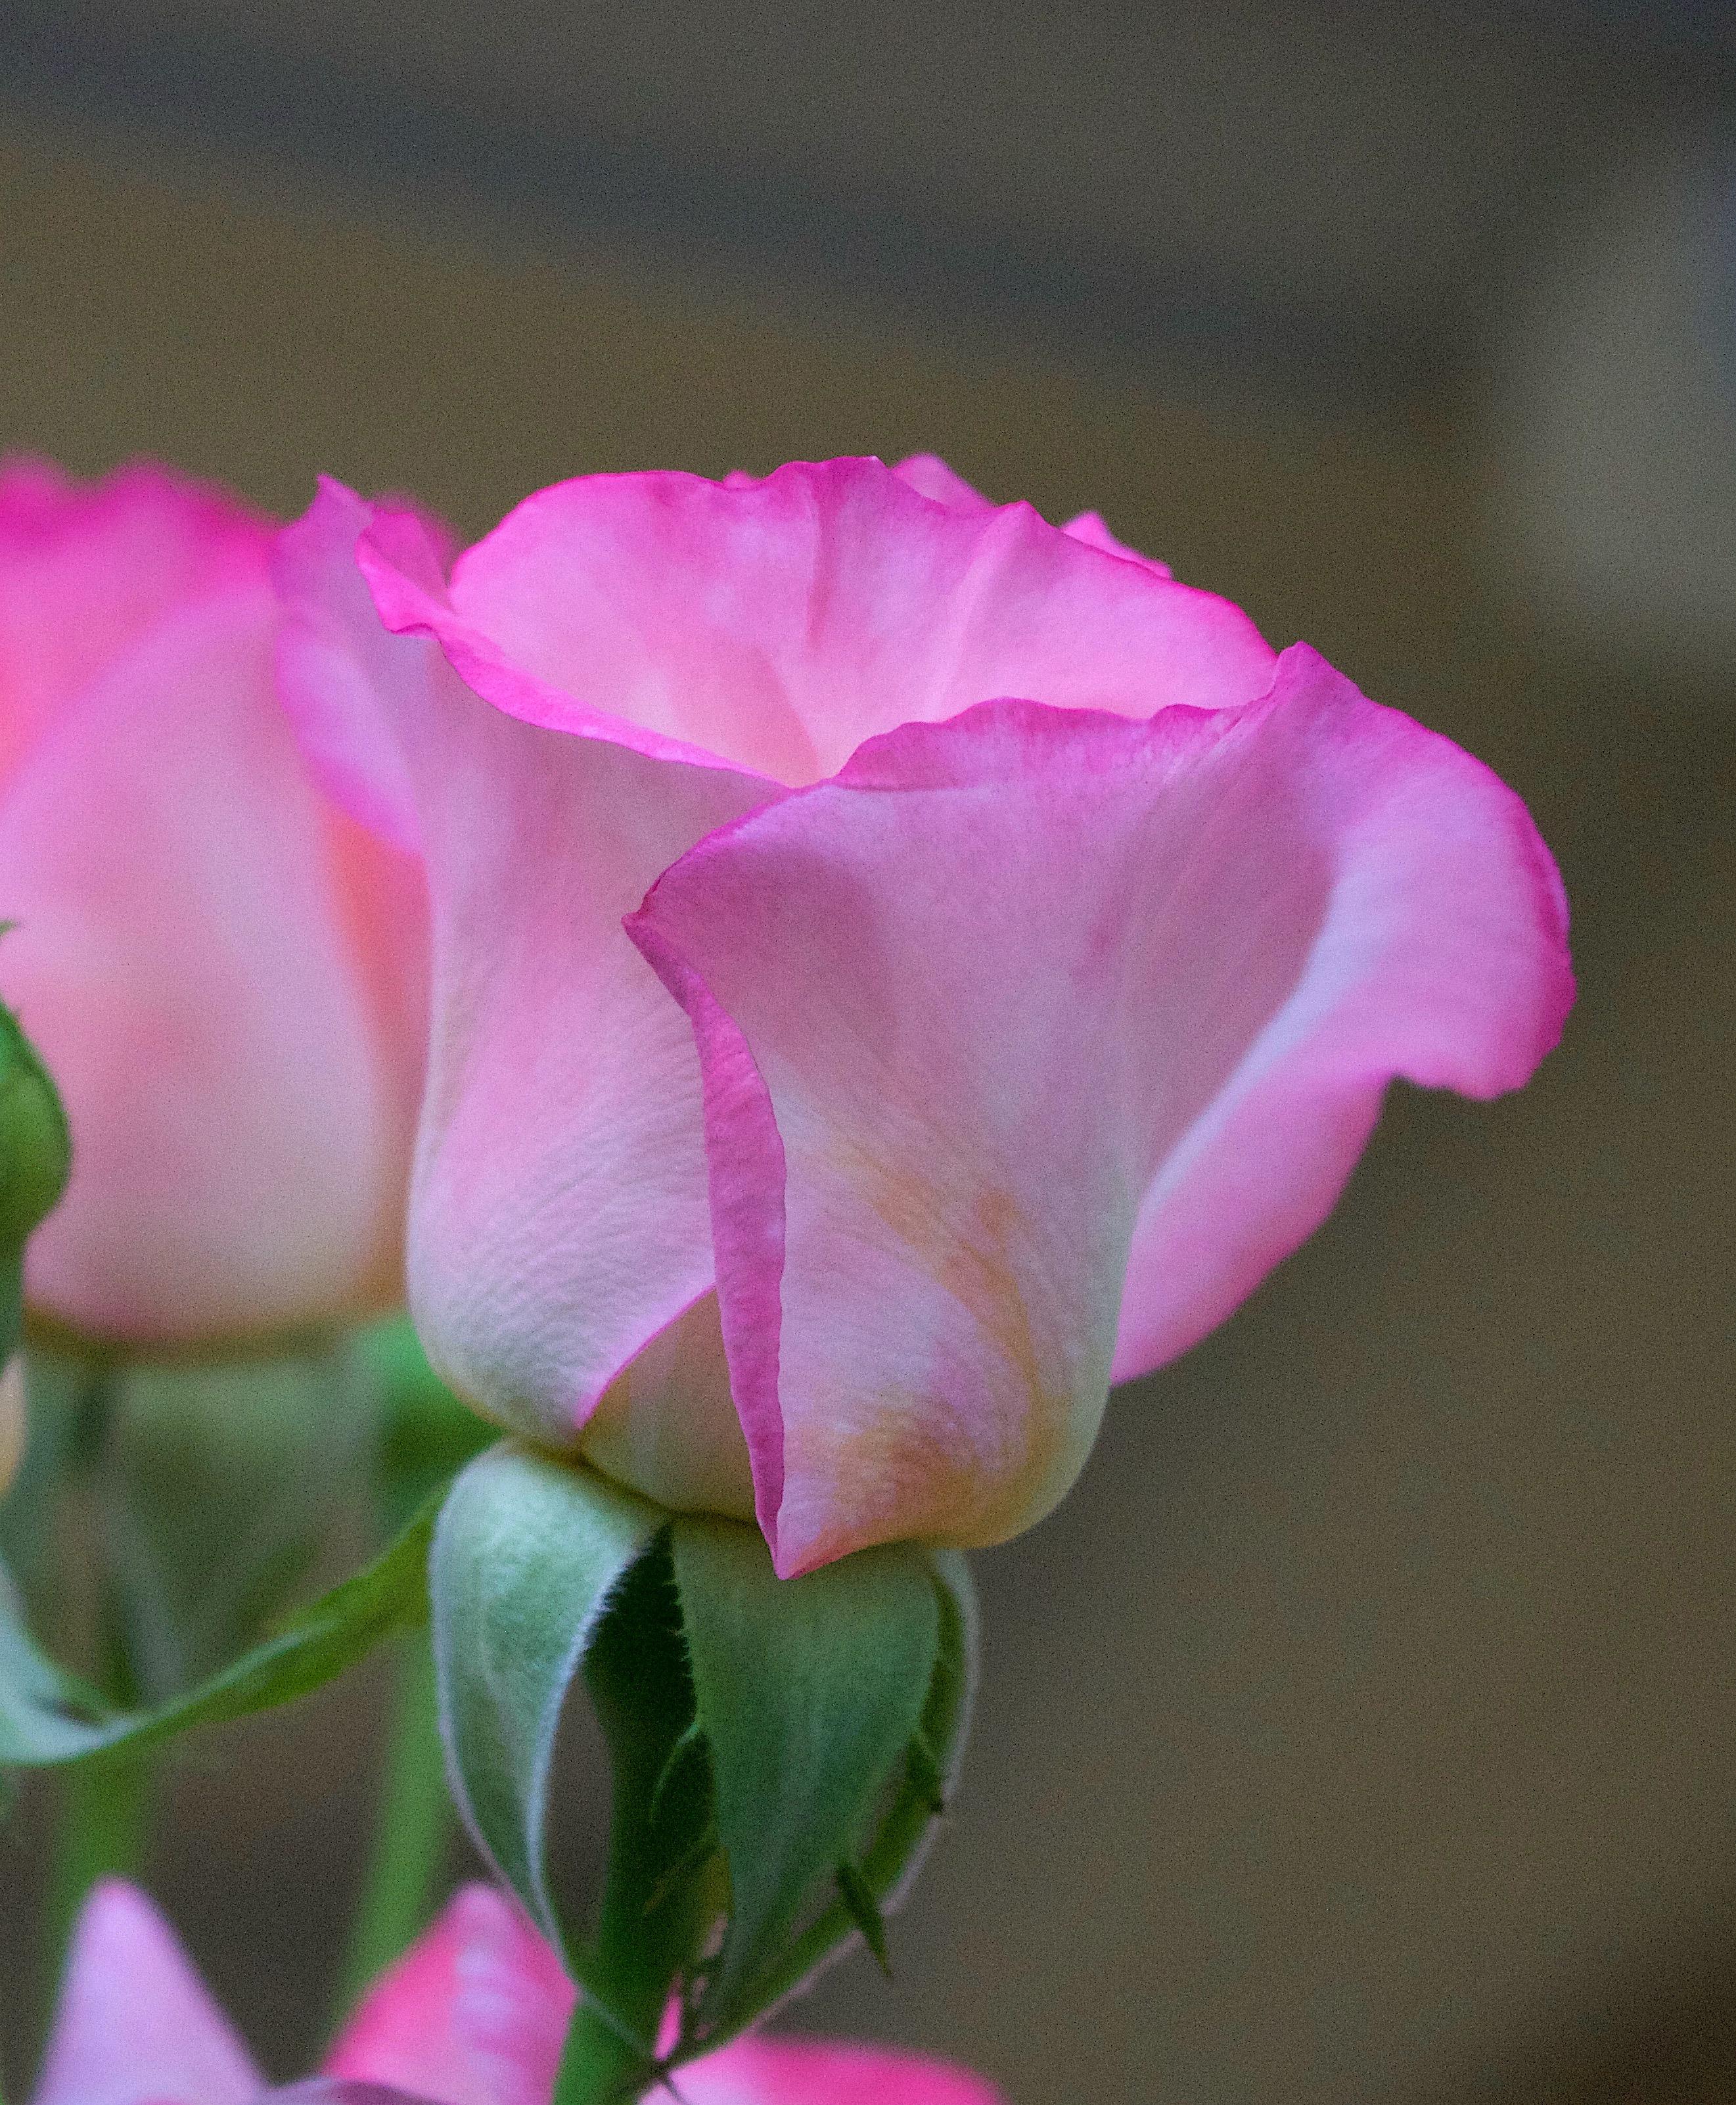 rose826172